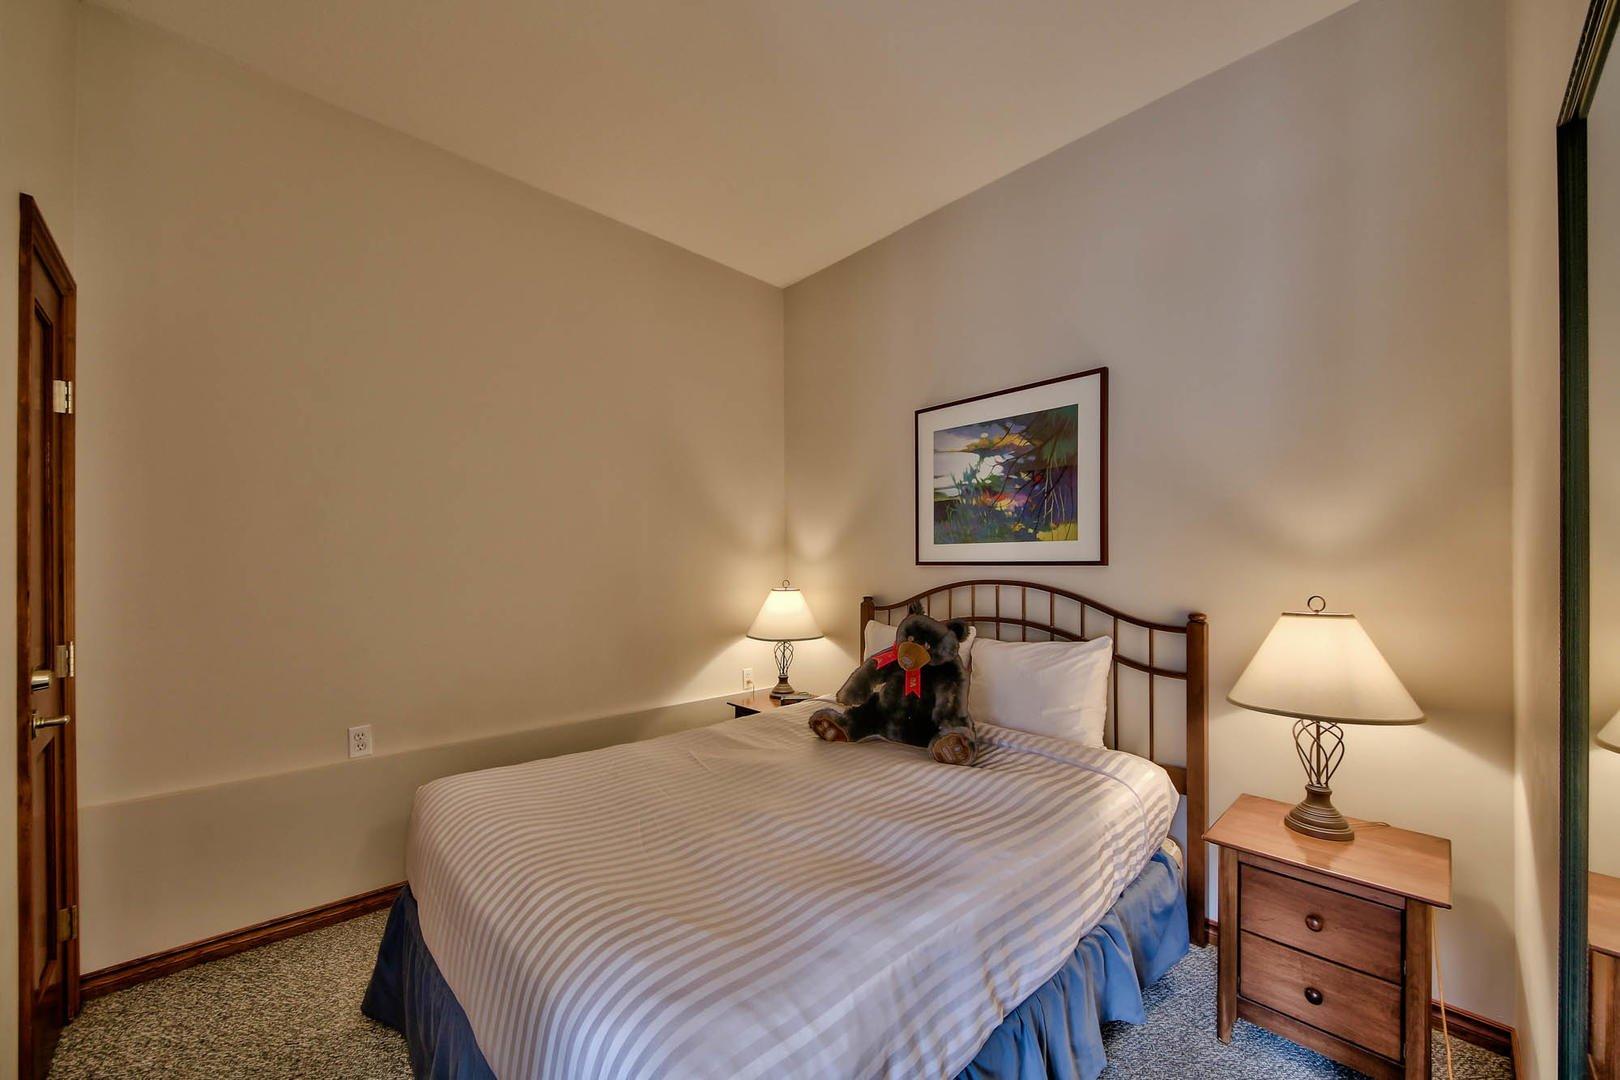 sun peaks hearthstone lodge 207 bedroom.jpg